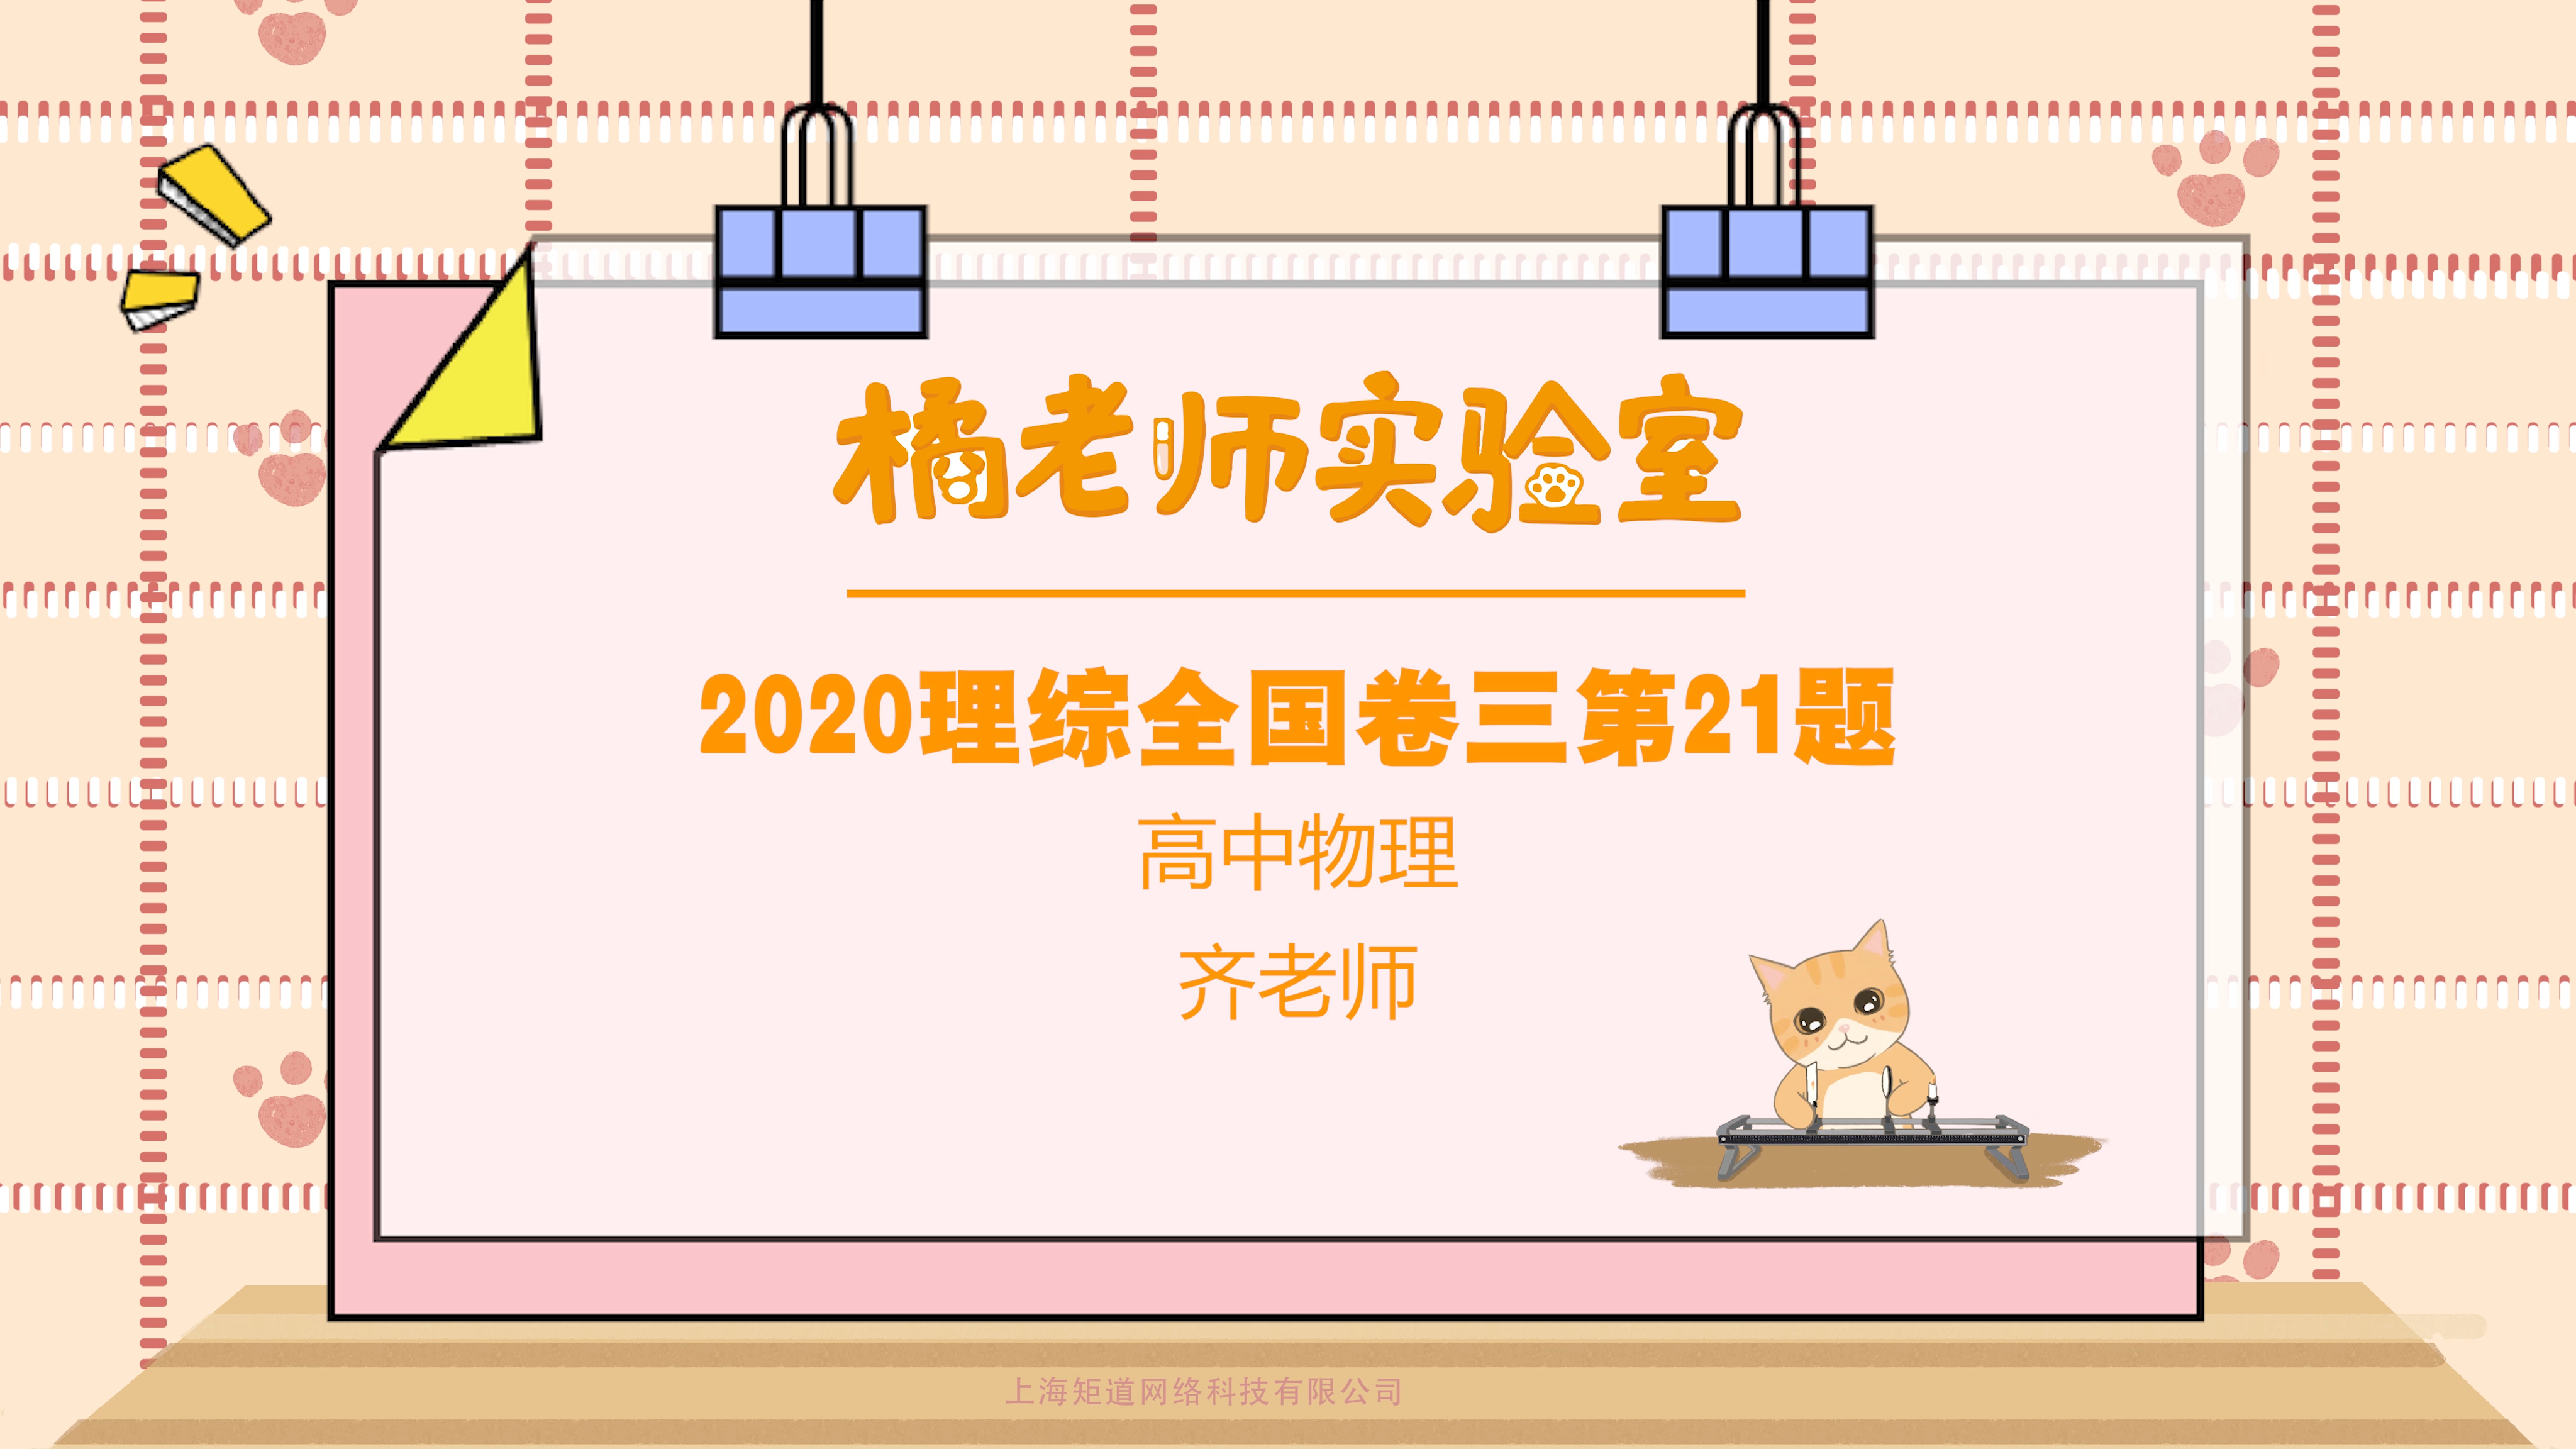 第二百二十期:《2020理综全国卷三第21题》